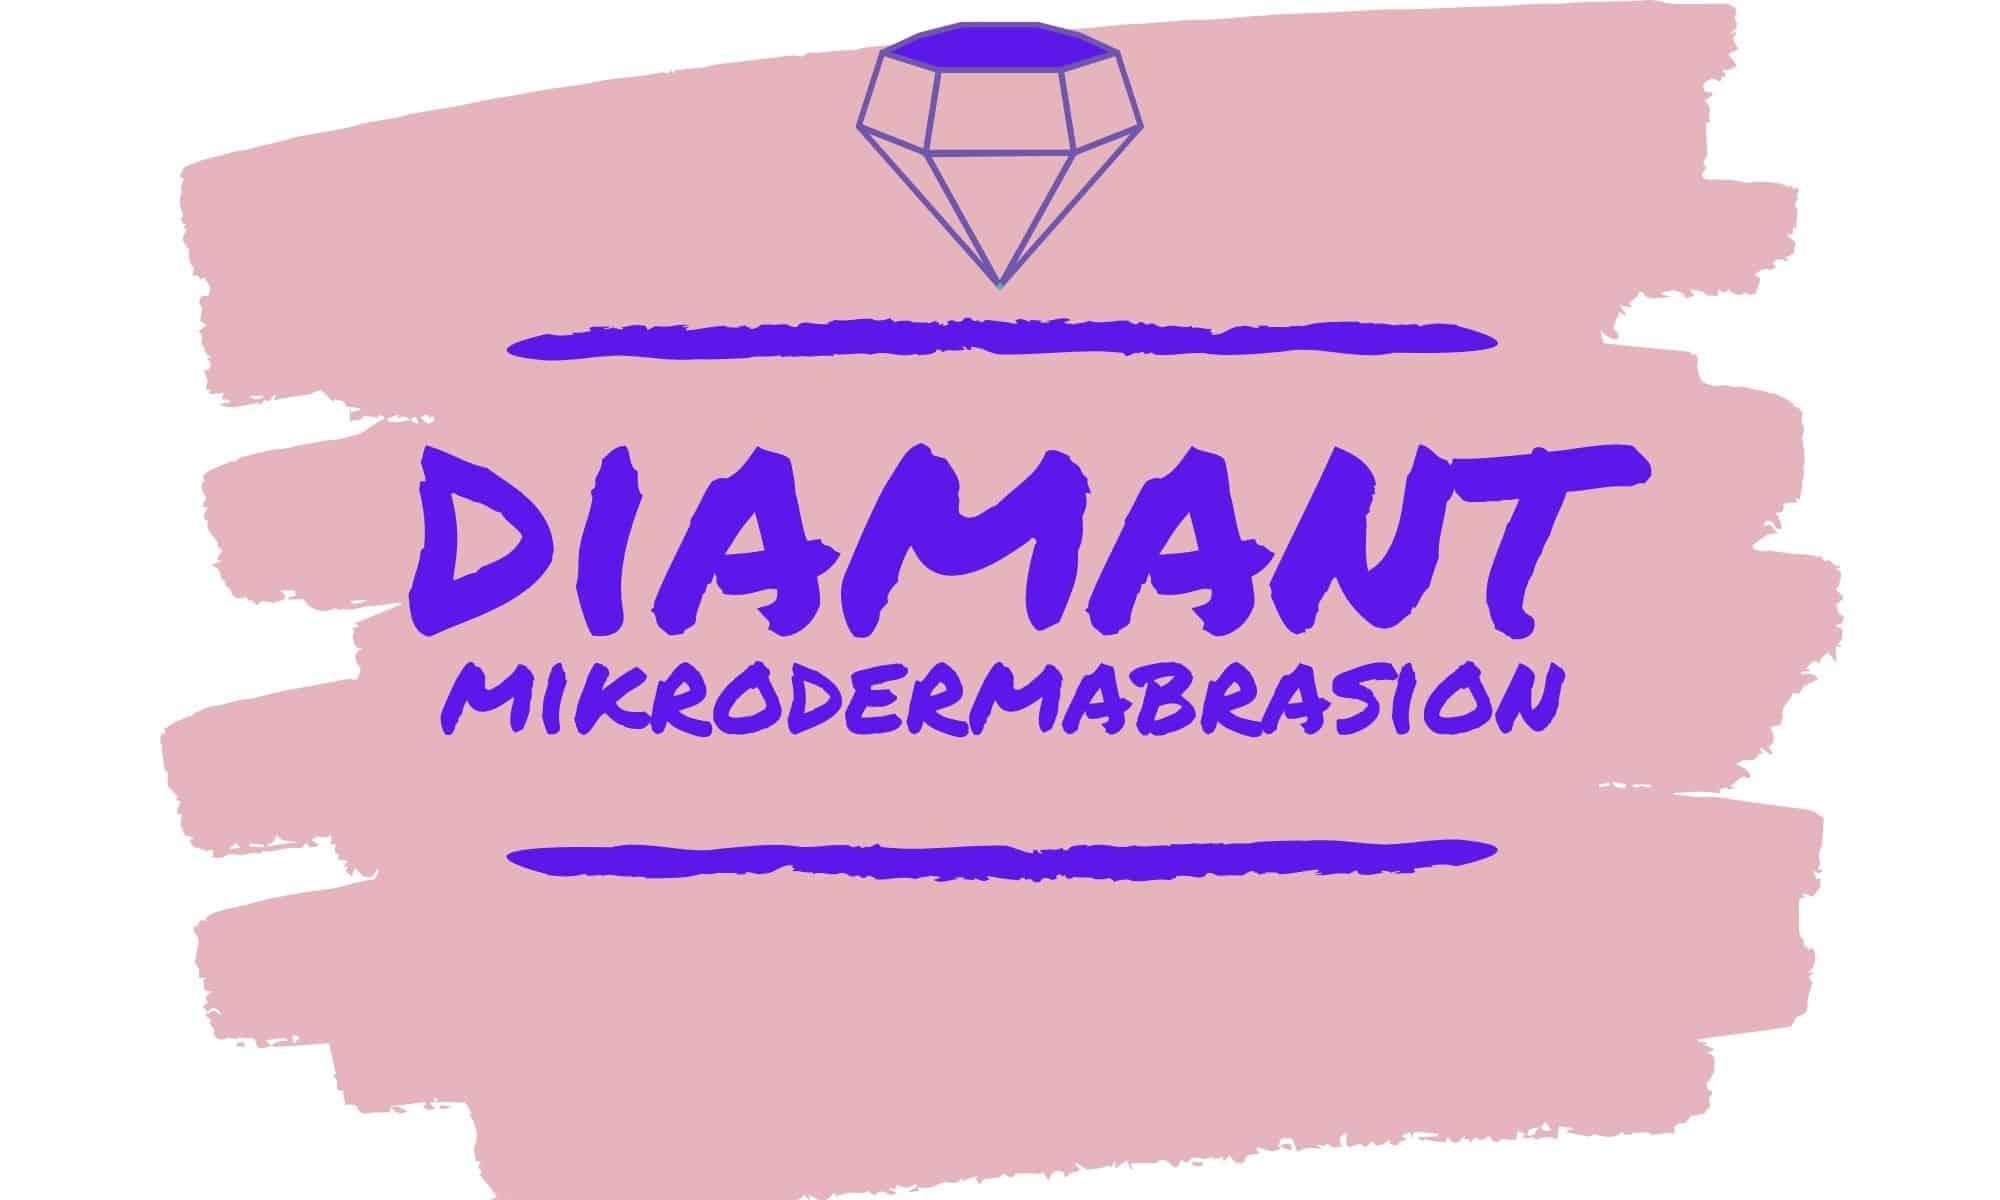 Diamant Mikrodermabrasion - was ist das?